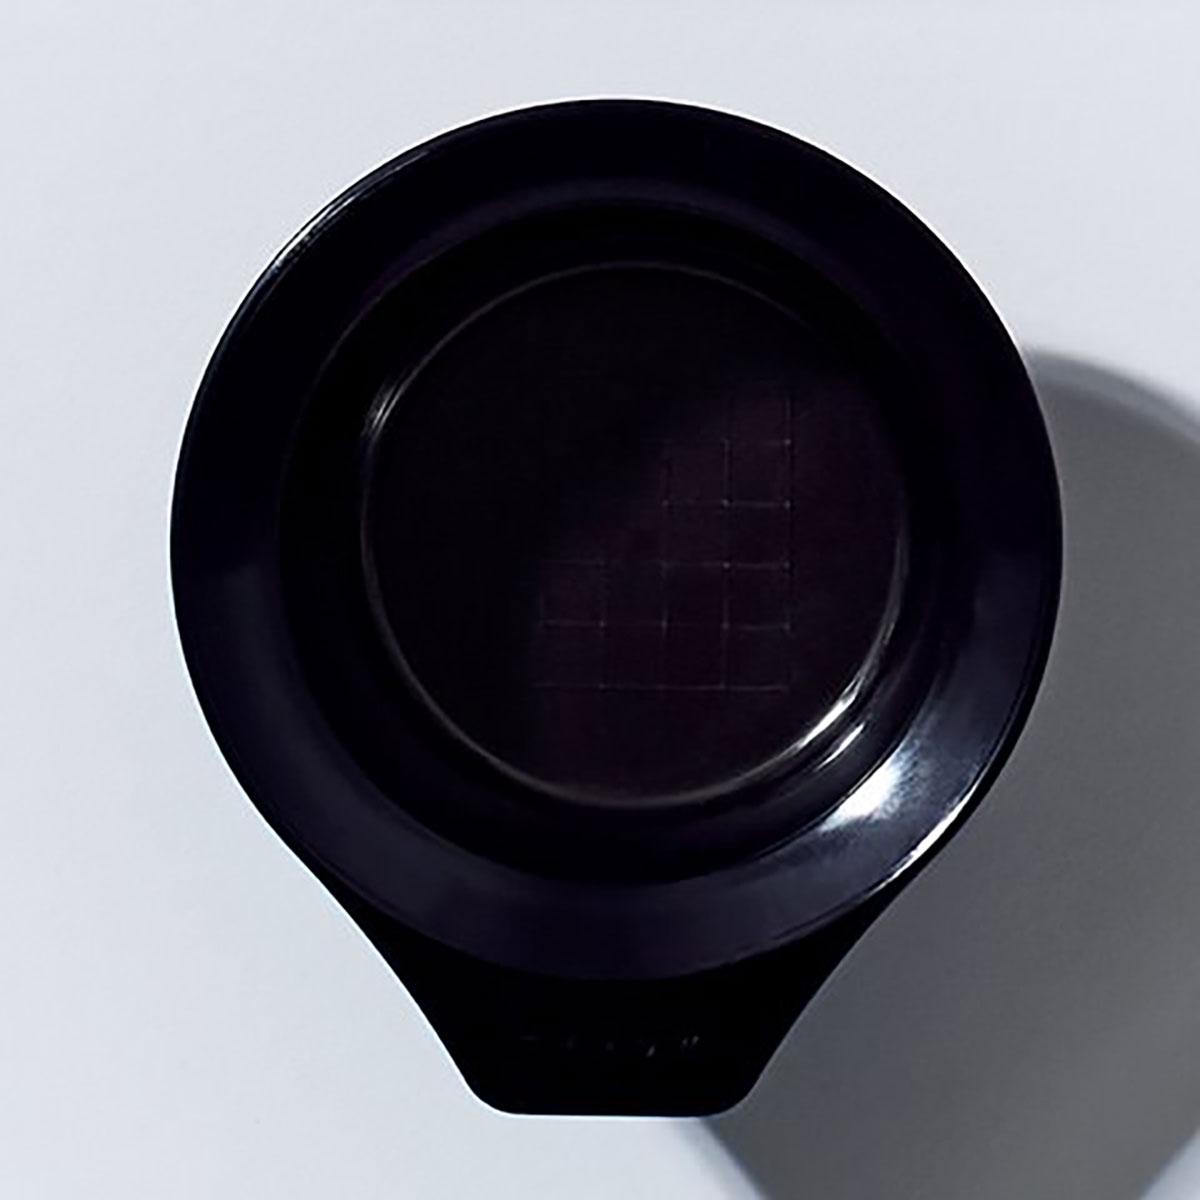 スロウ カップ (throw)image